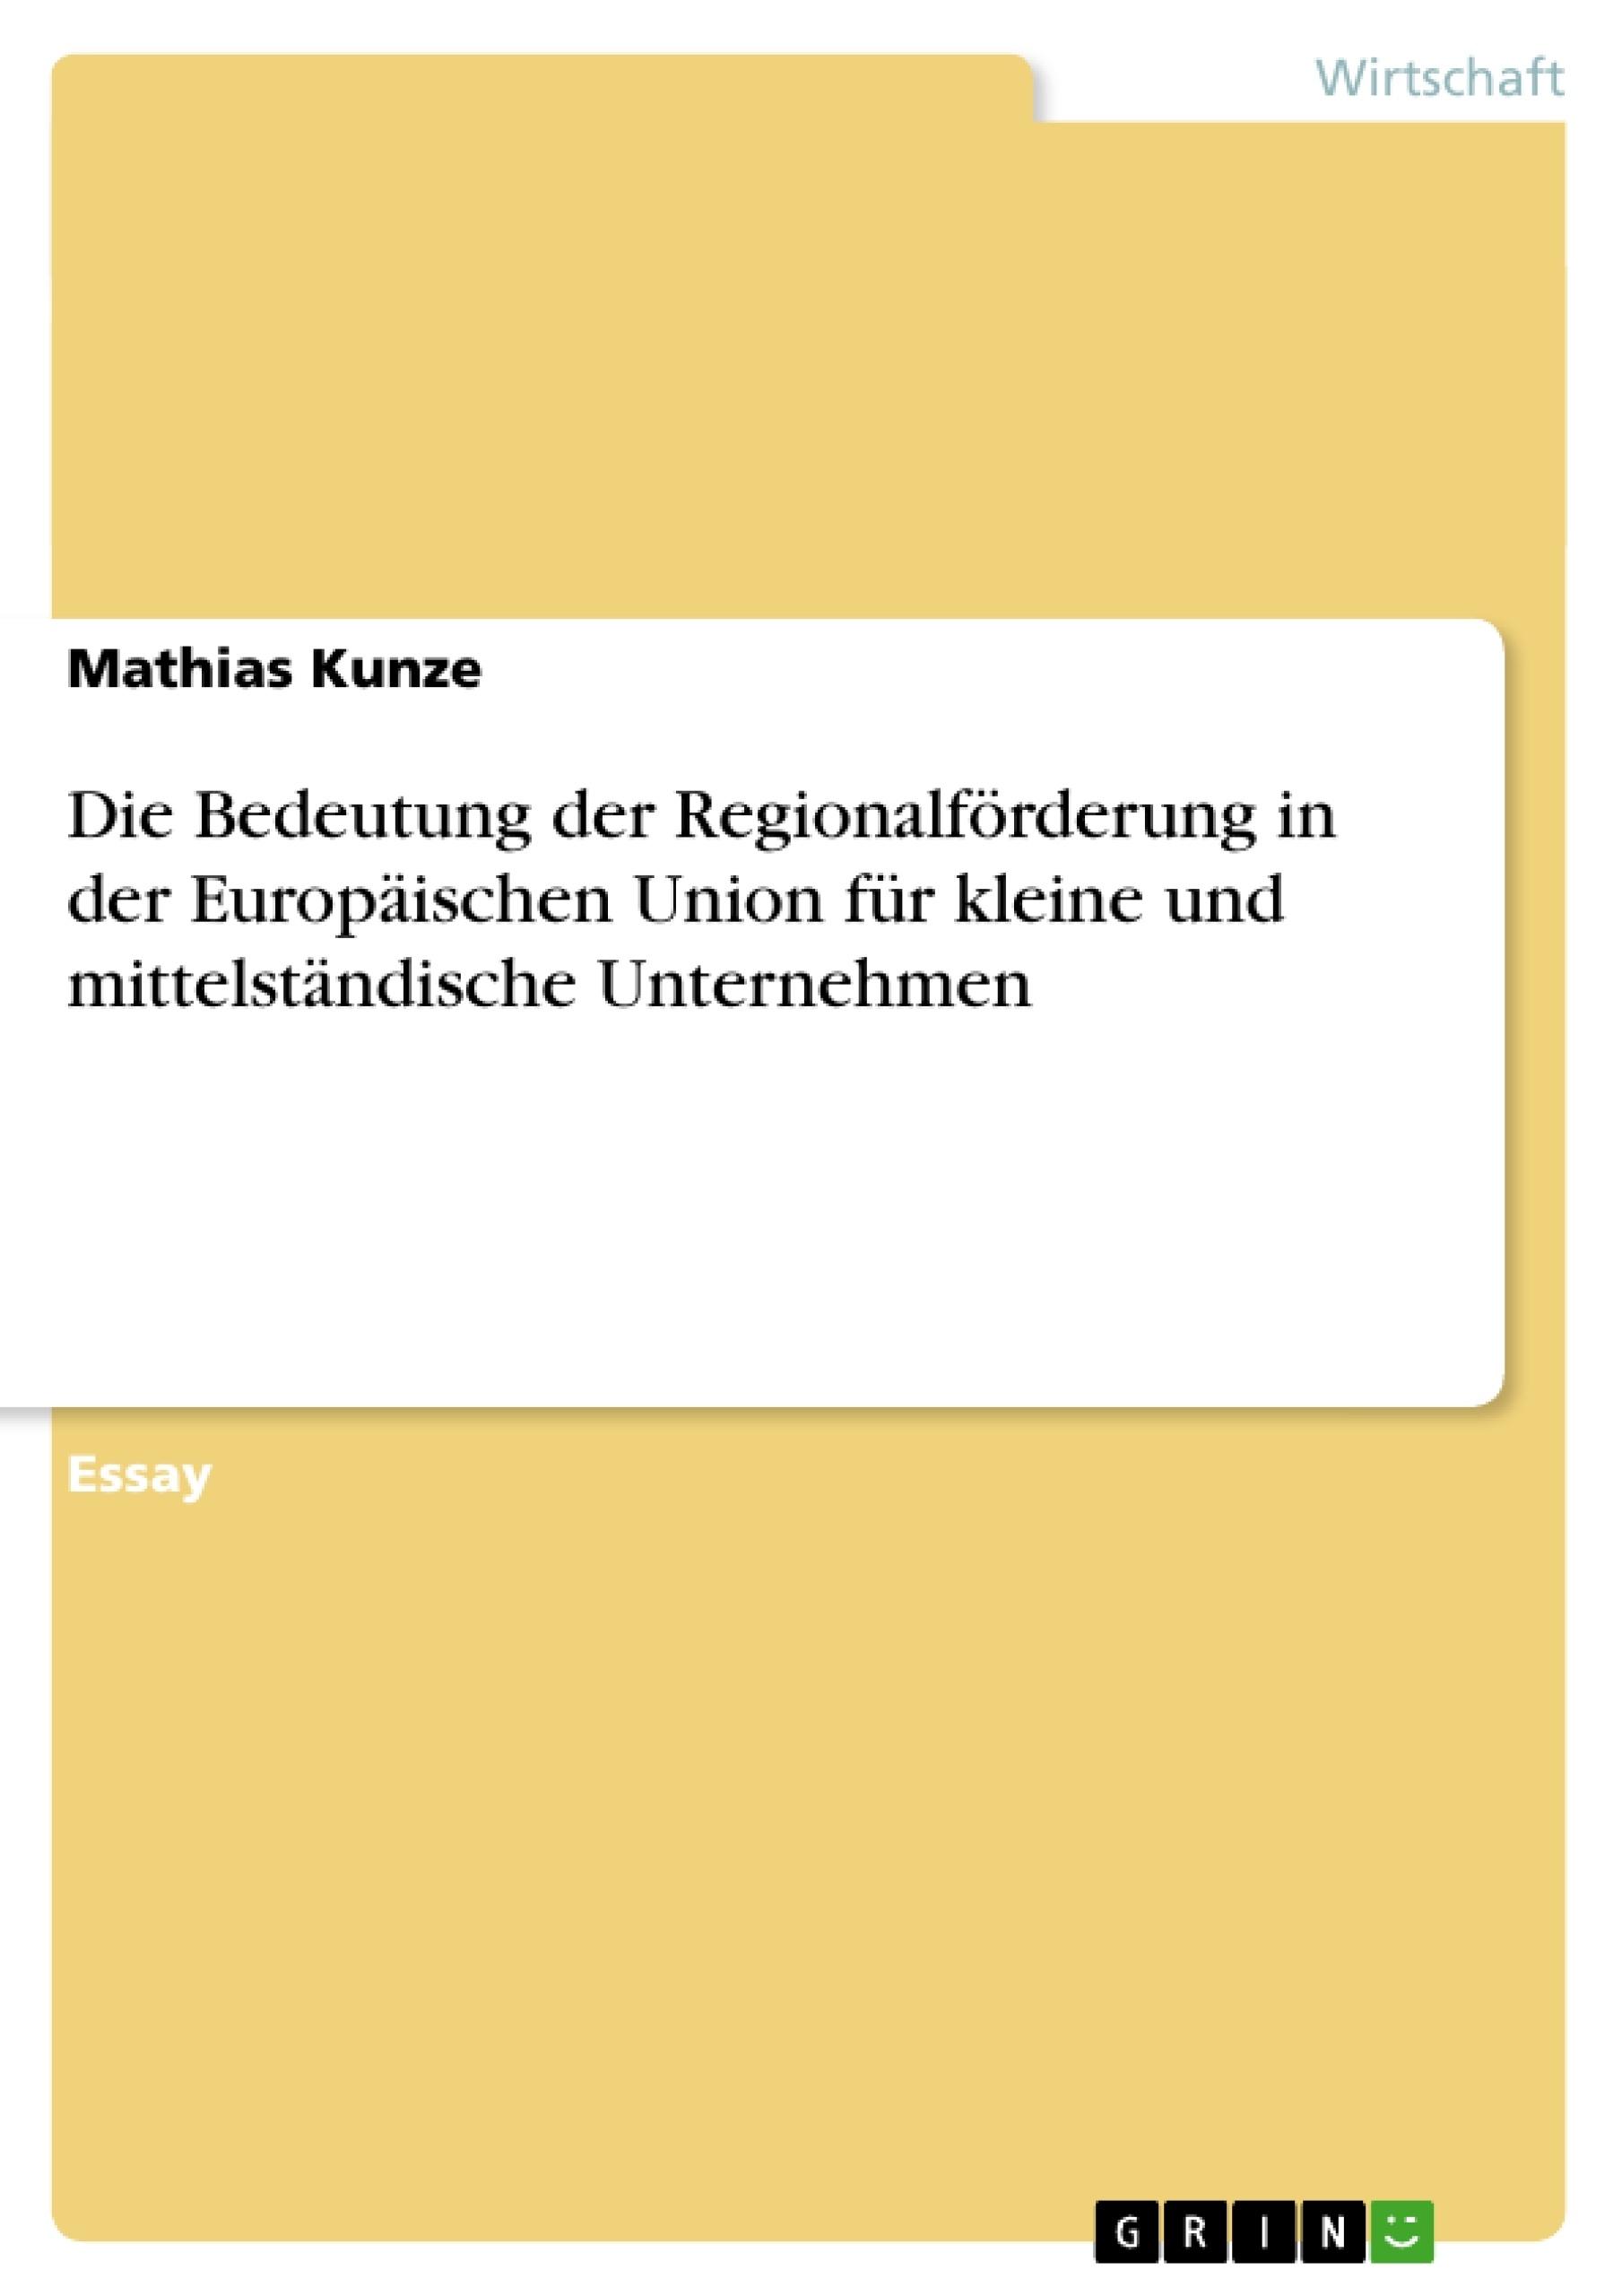 Titel: Die Bedeutung der Regionalförderung in der Europäischen Union für kleine und mittelständische Unternehmen